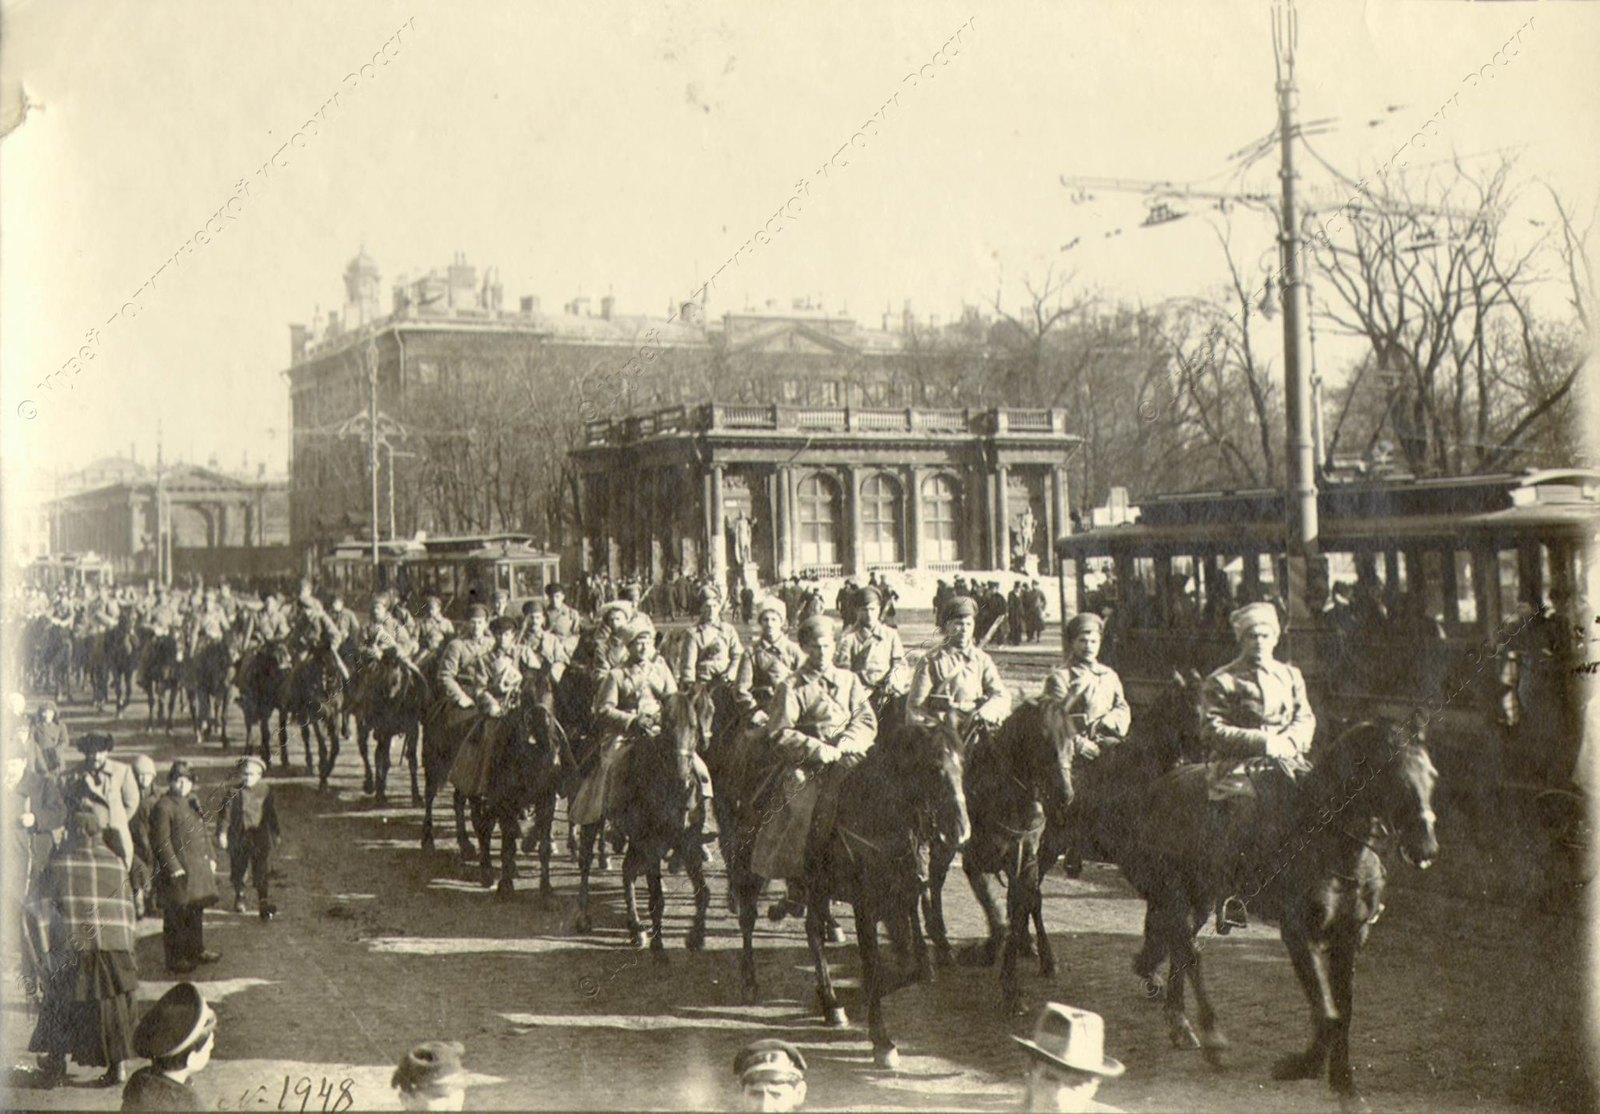 1918. Колонна бойцов I Конного полка Красной Армии. Петроград